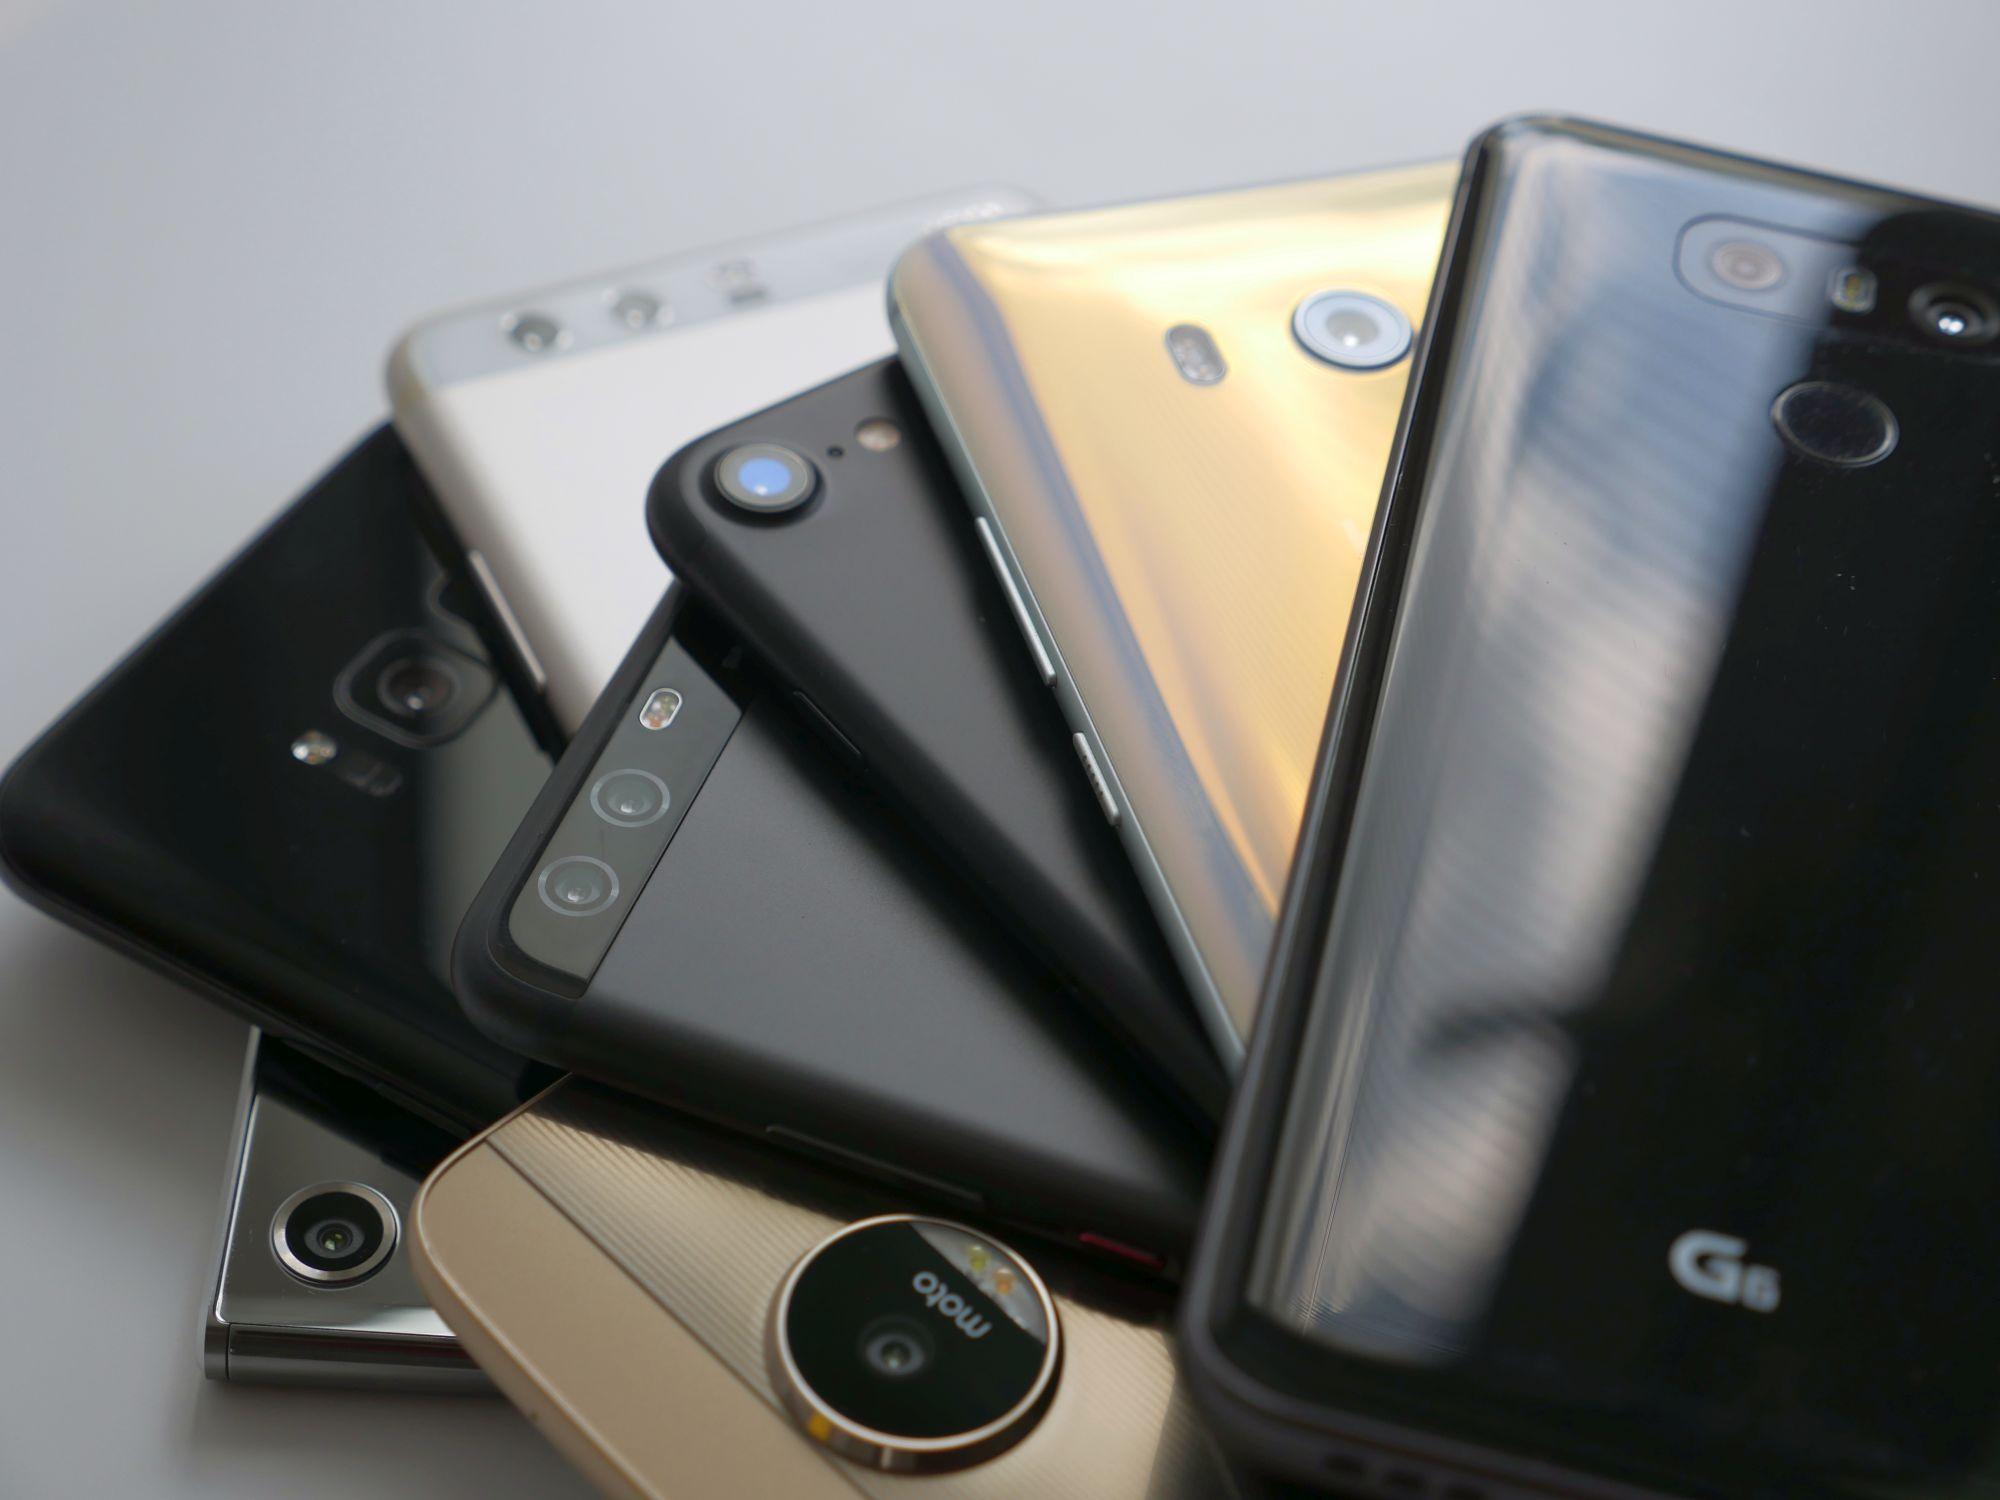 Nasze wielkie porównanie flagowców. 11 najlepszych smartfonów w jednym miejscu!